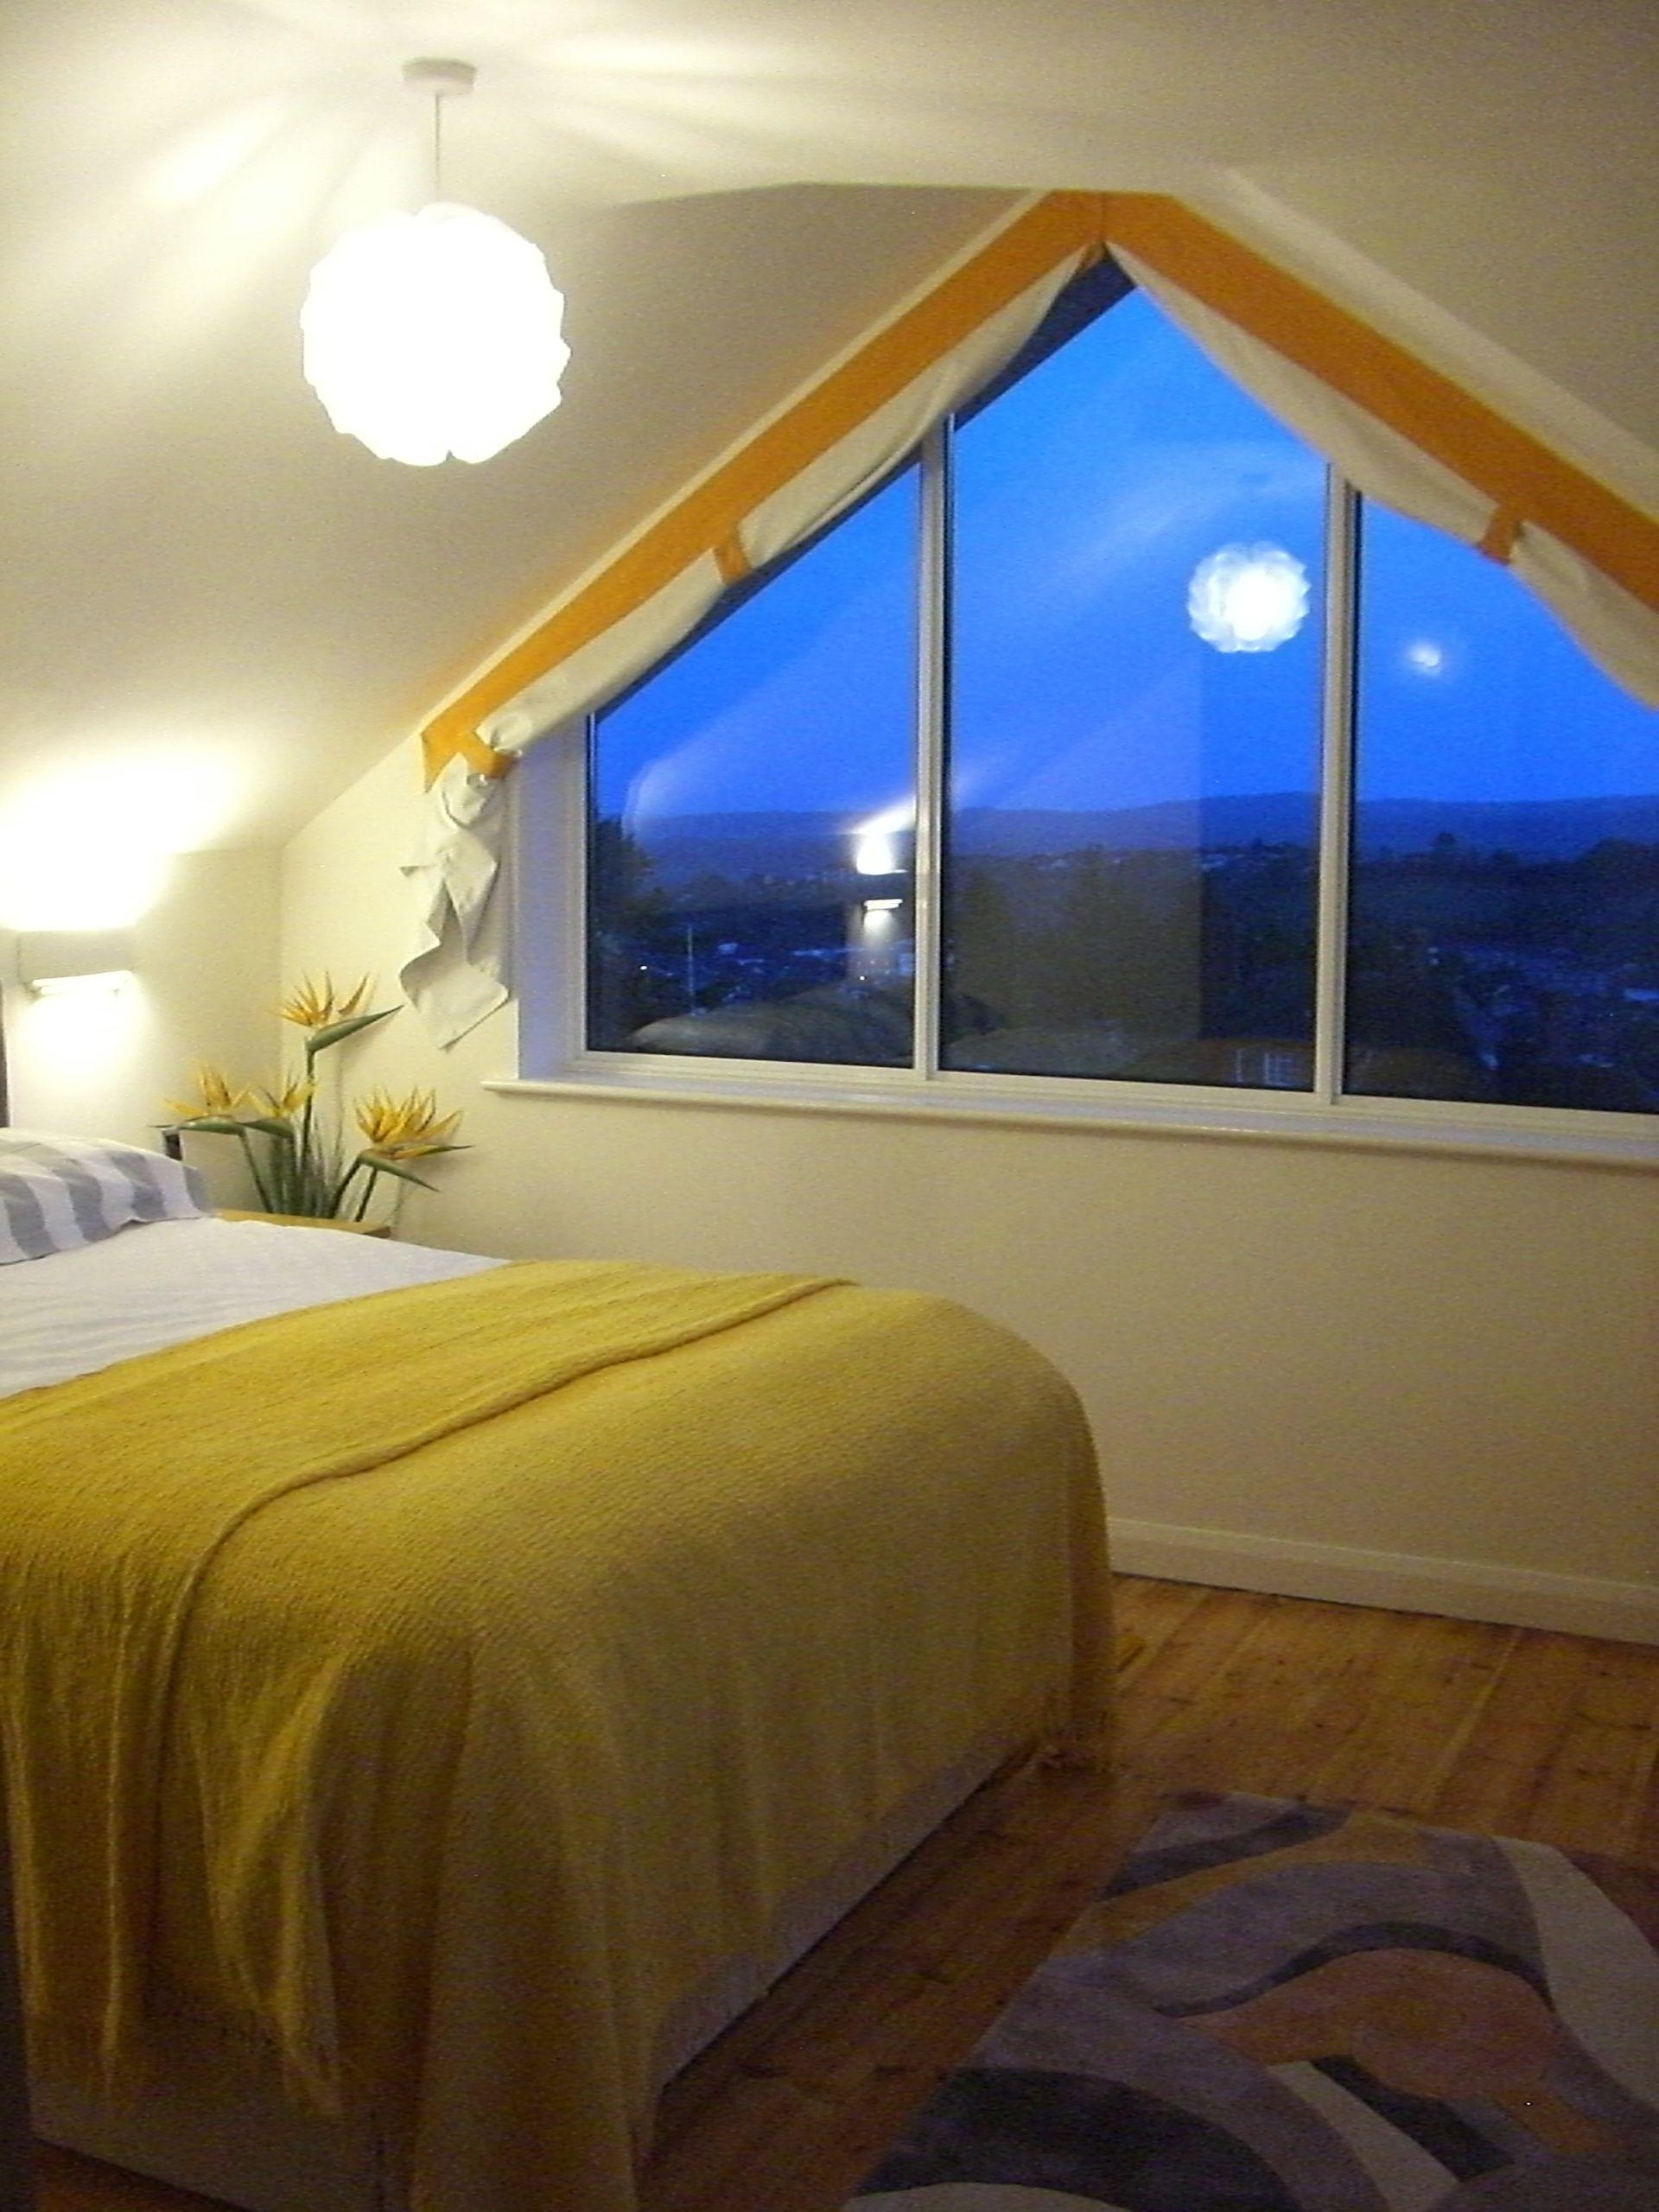 Loft bed lighting ideas  Image result for loft conversion lighting ideas  Bonus Room